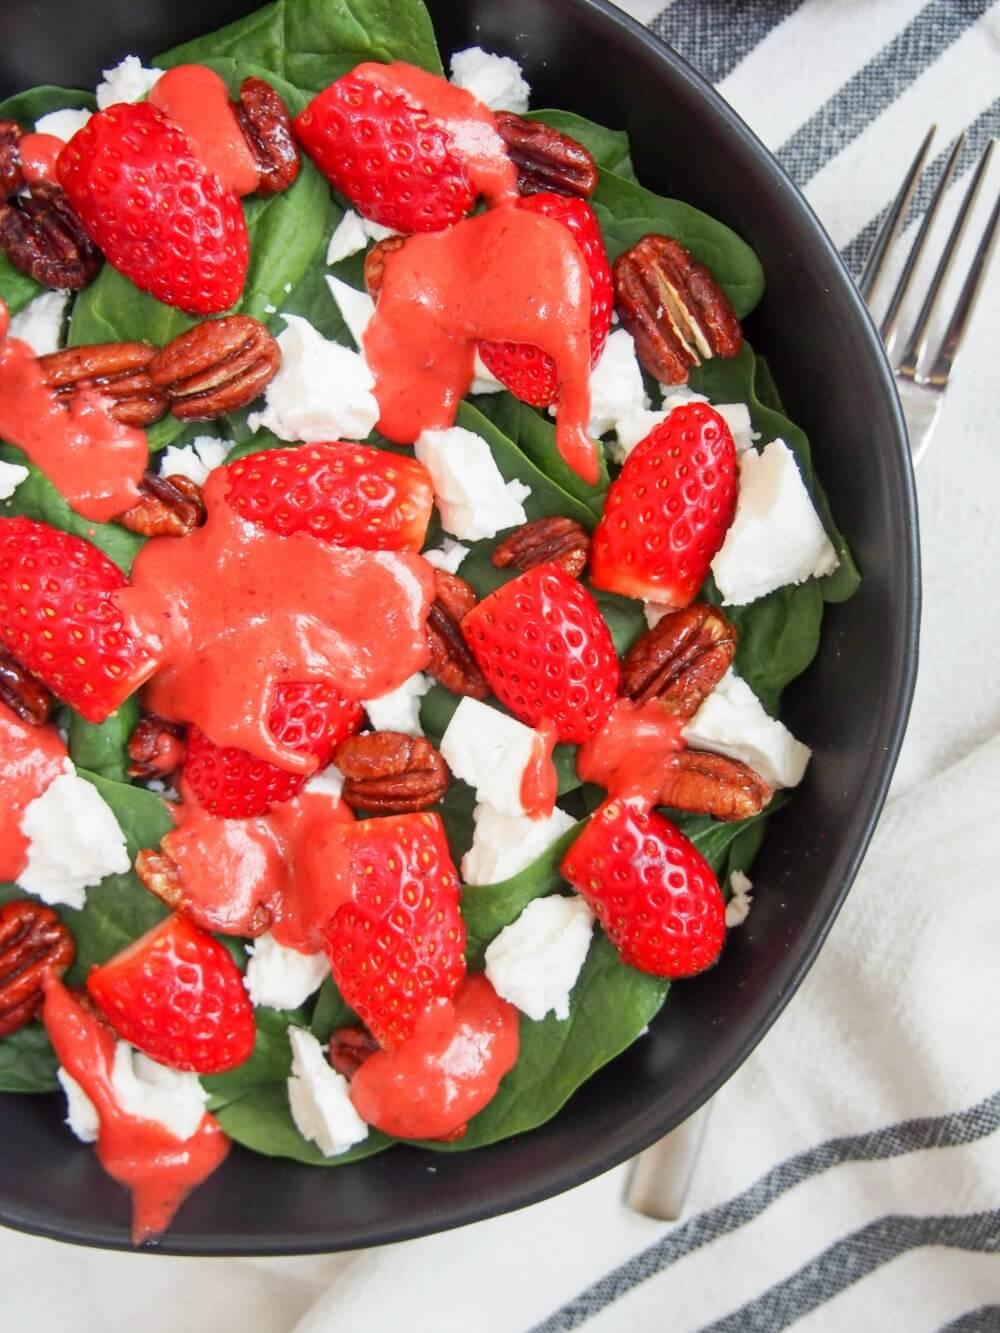 strawberry spinach feta salad